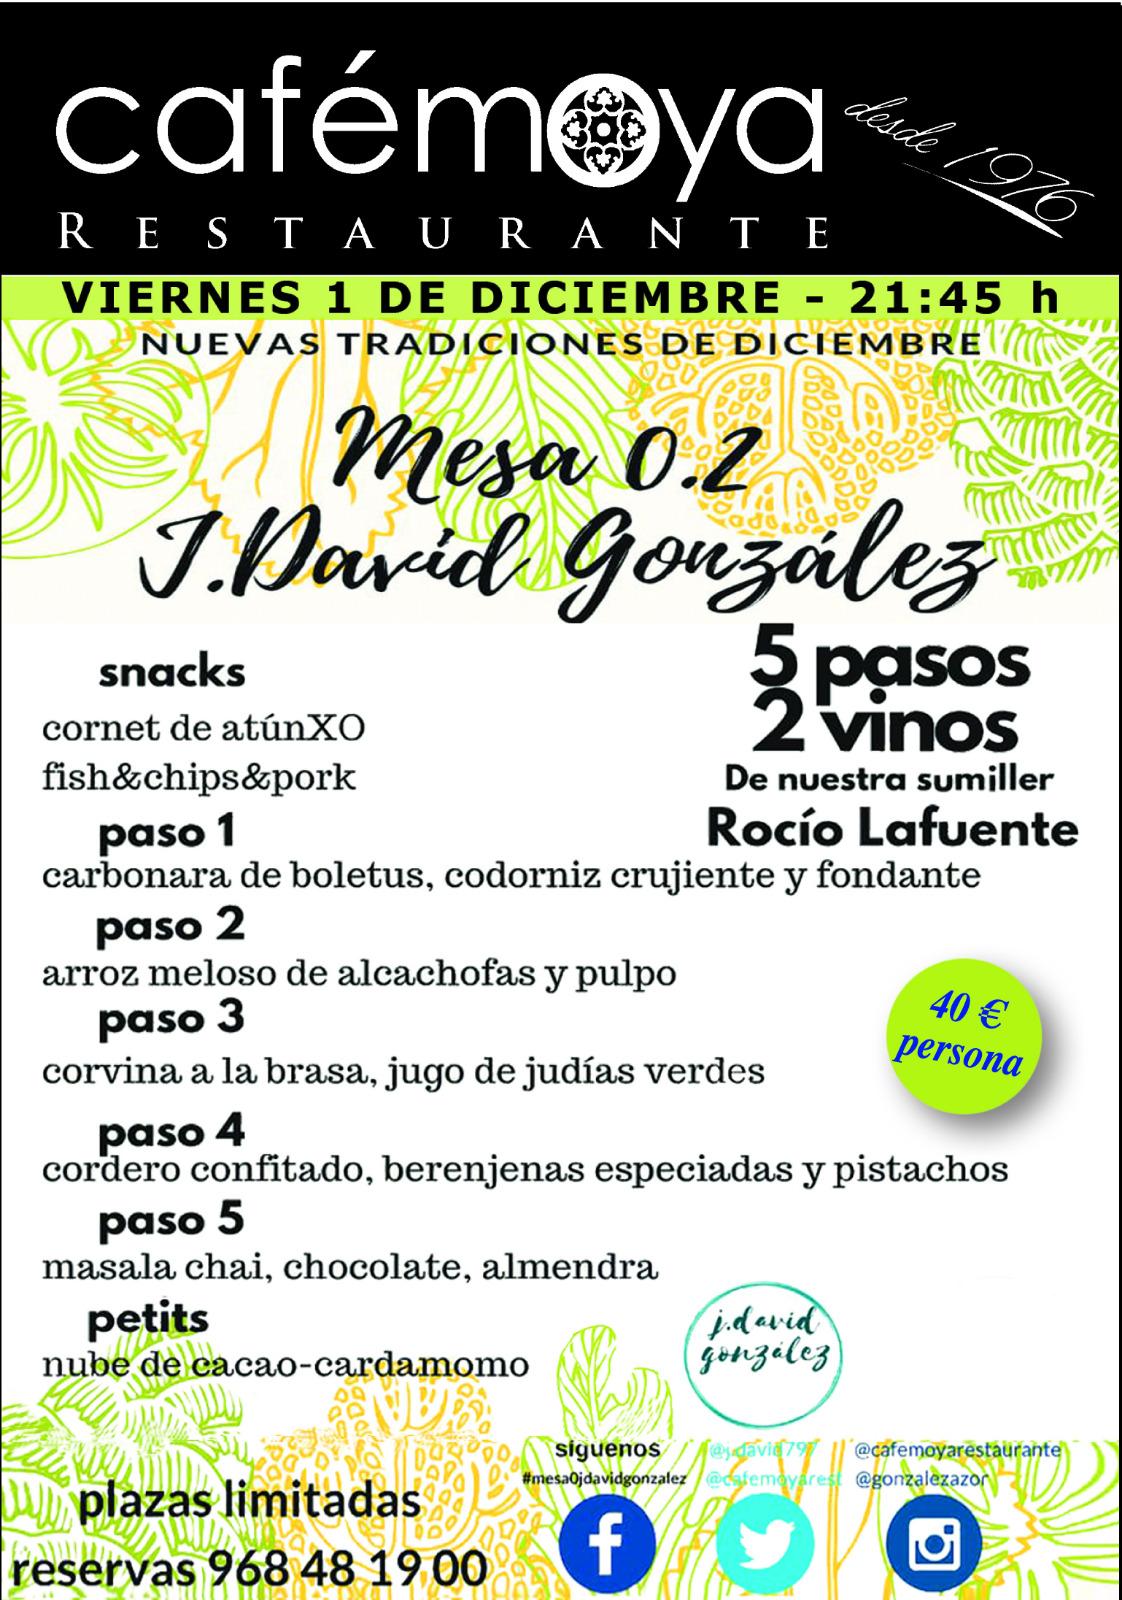 Nuevas tradiciones de diciembre en Restaurante Café Moya